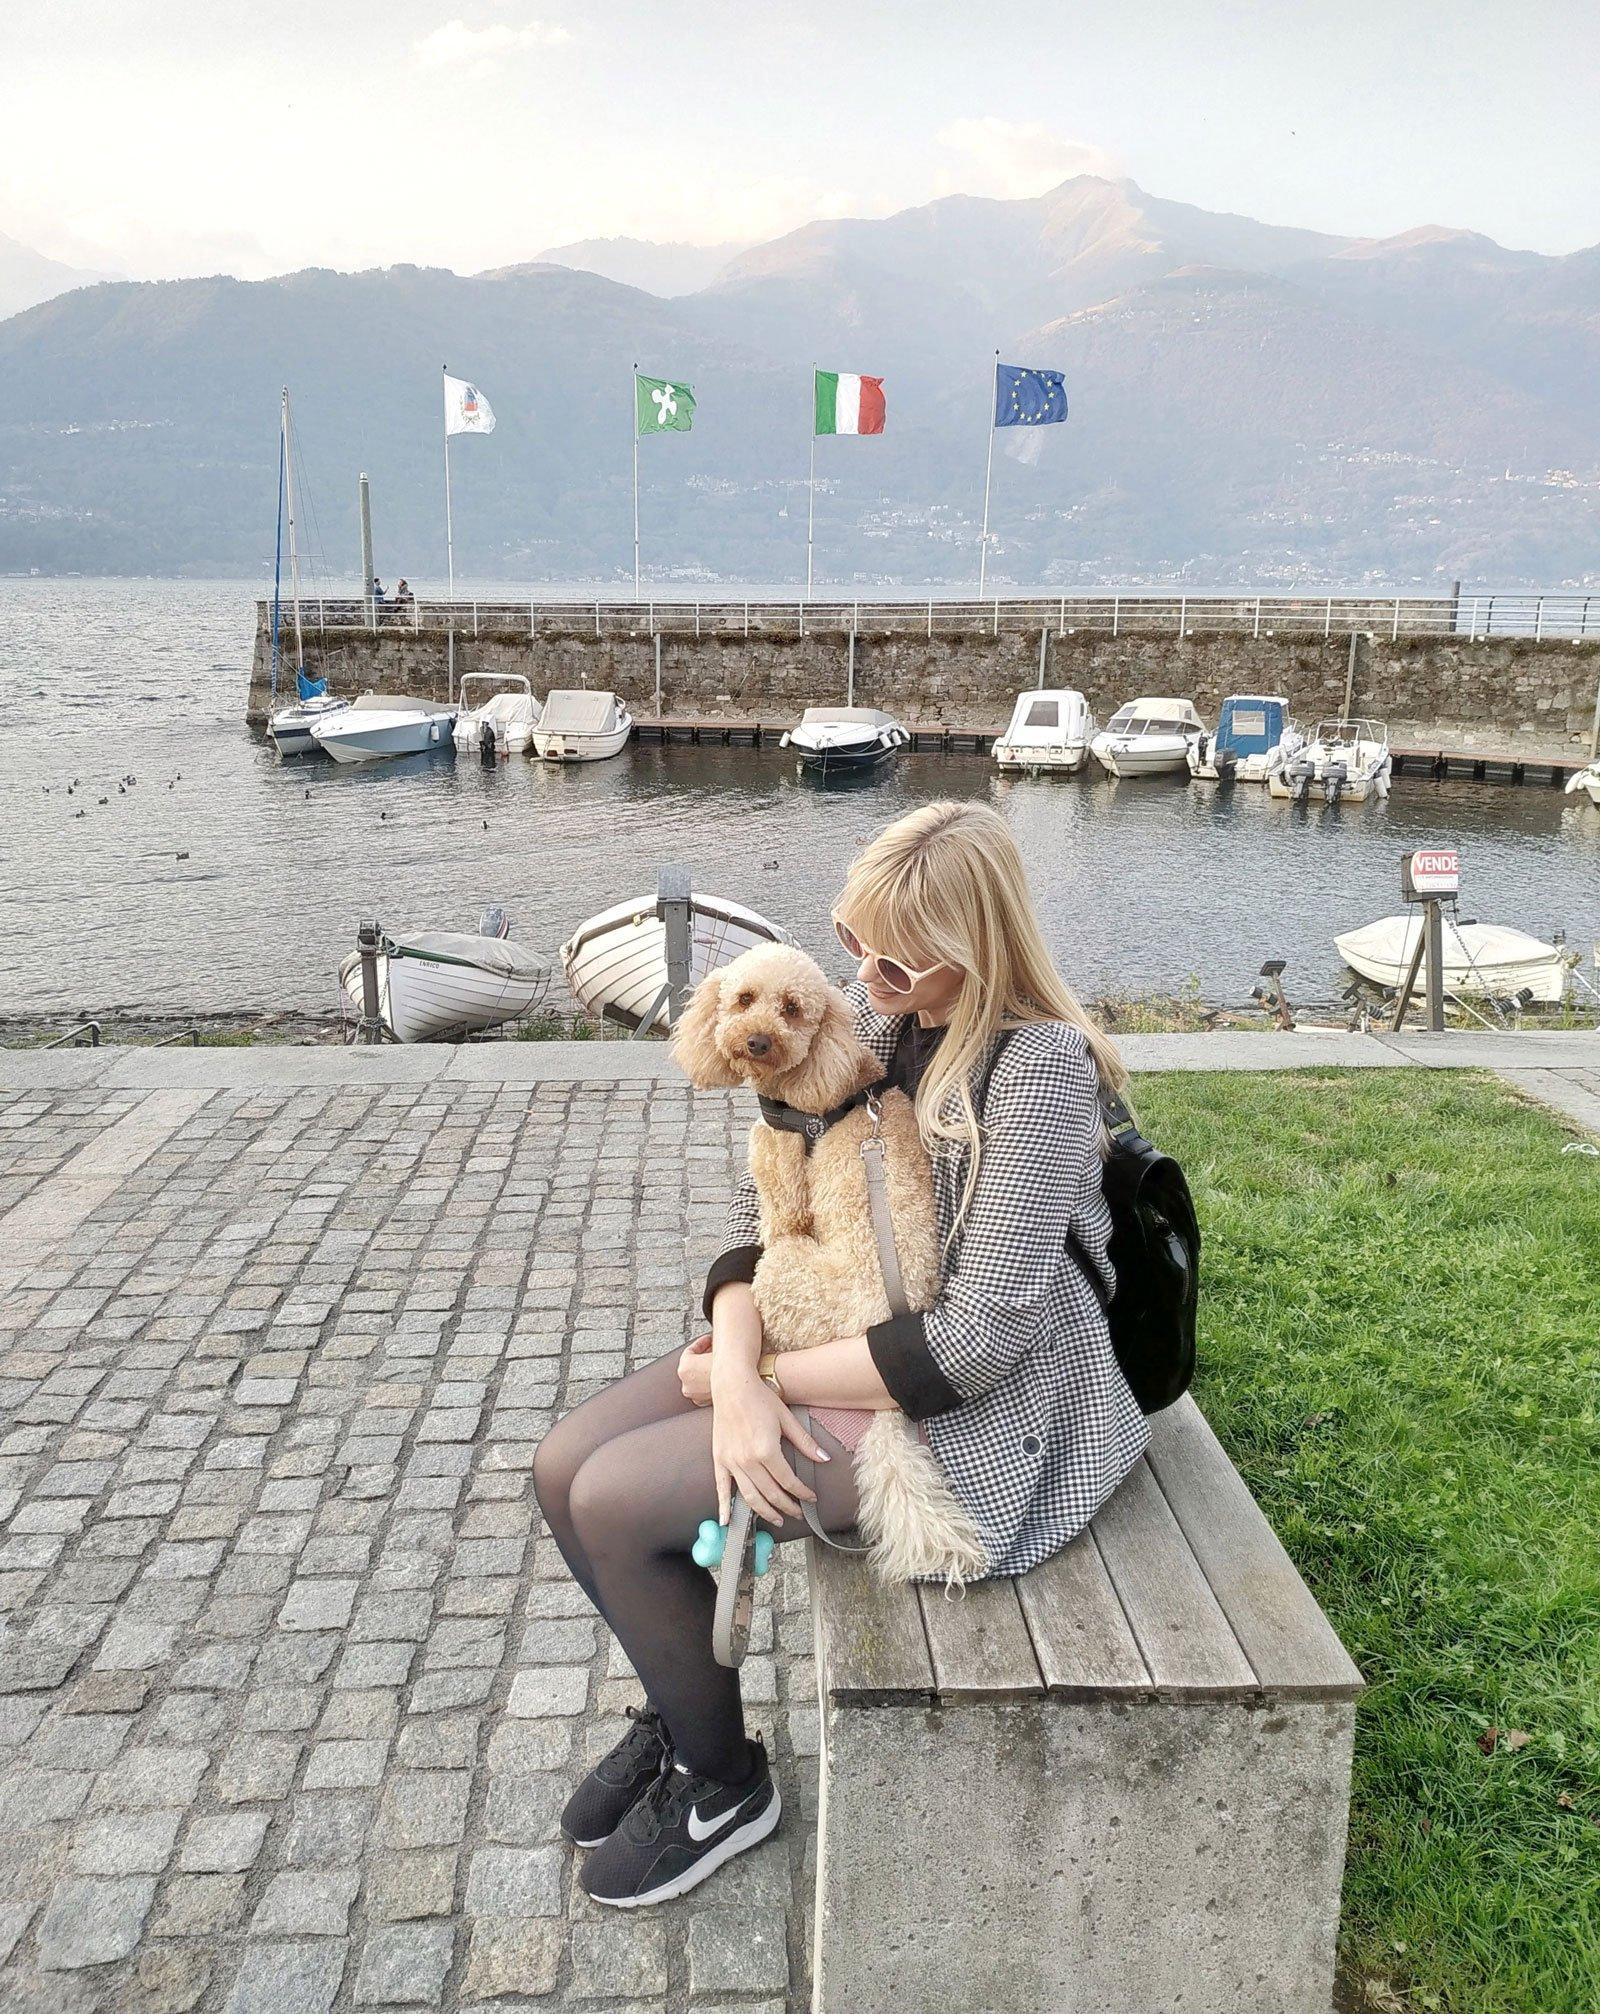 lake sunday italy hygge dog